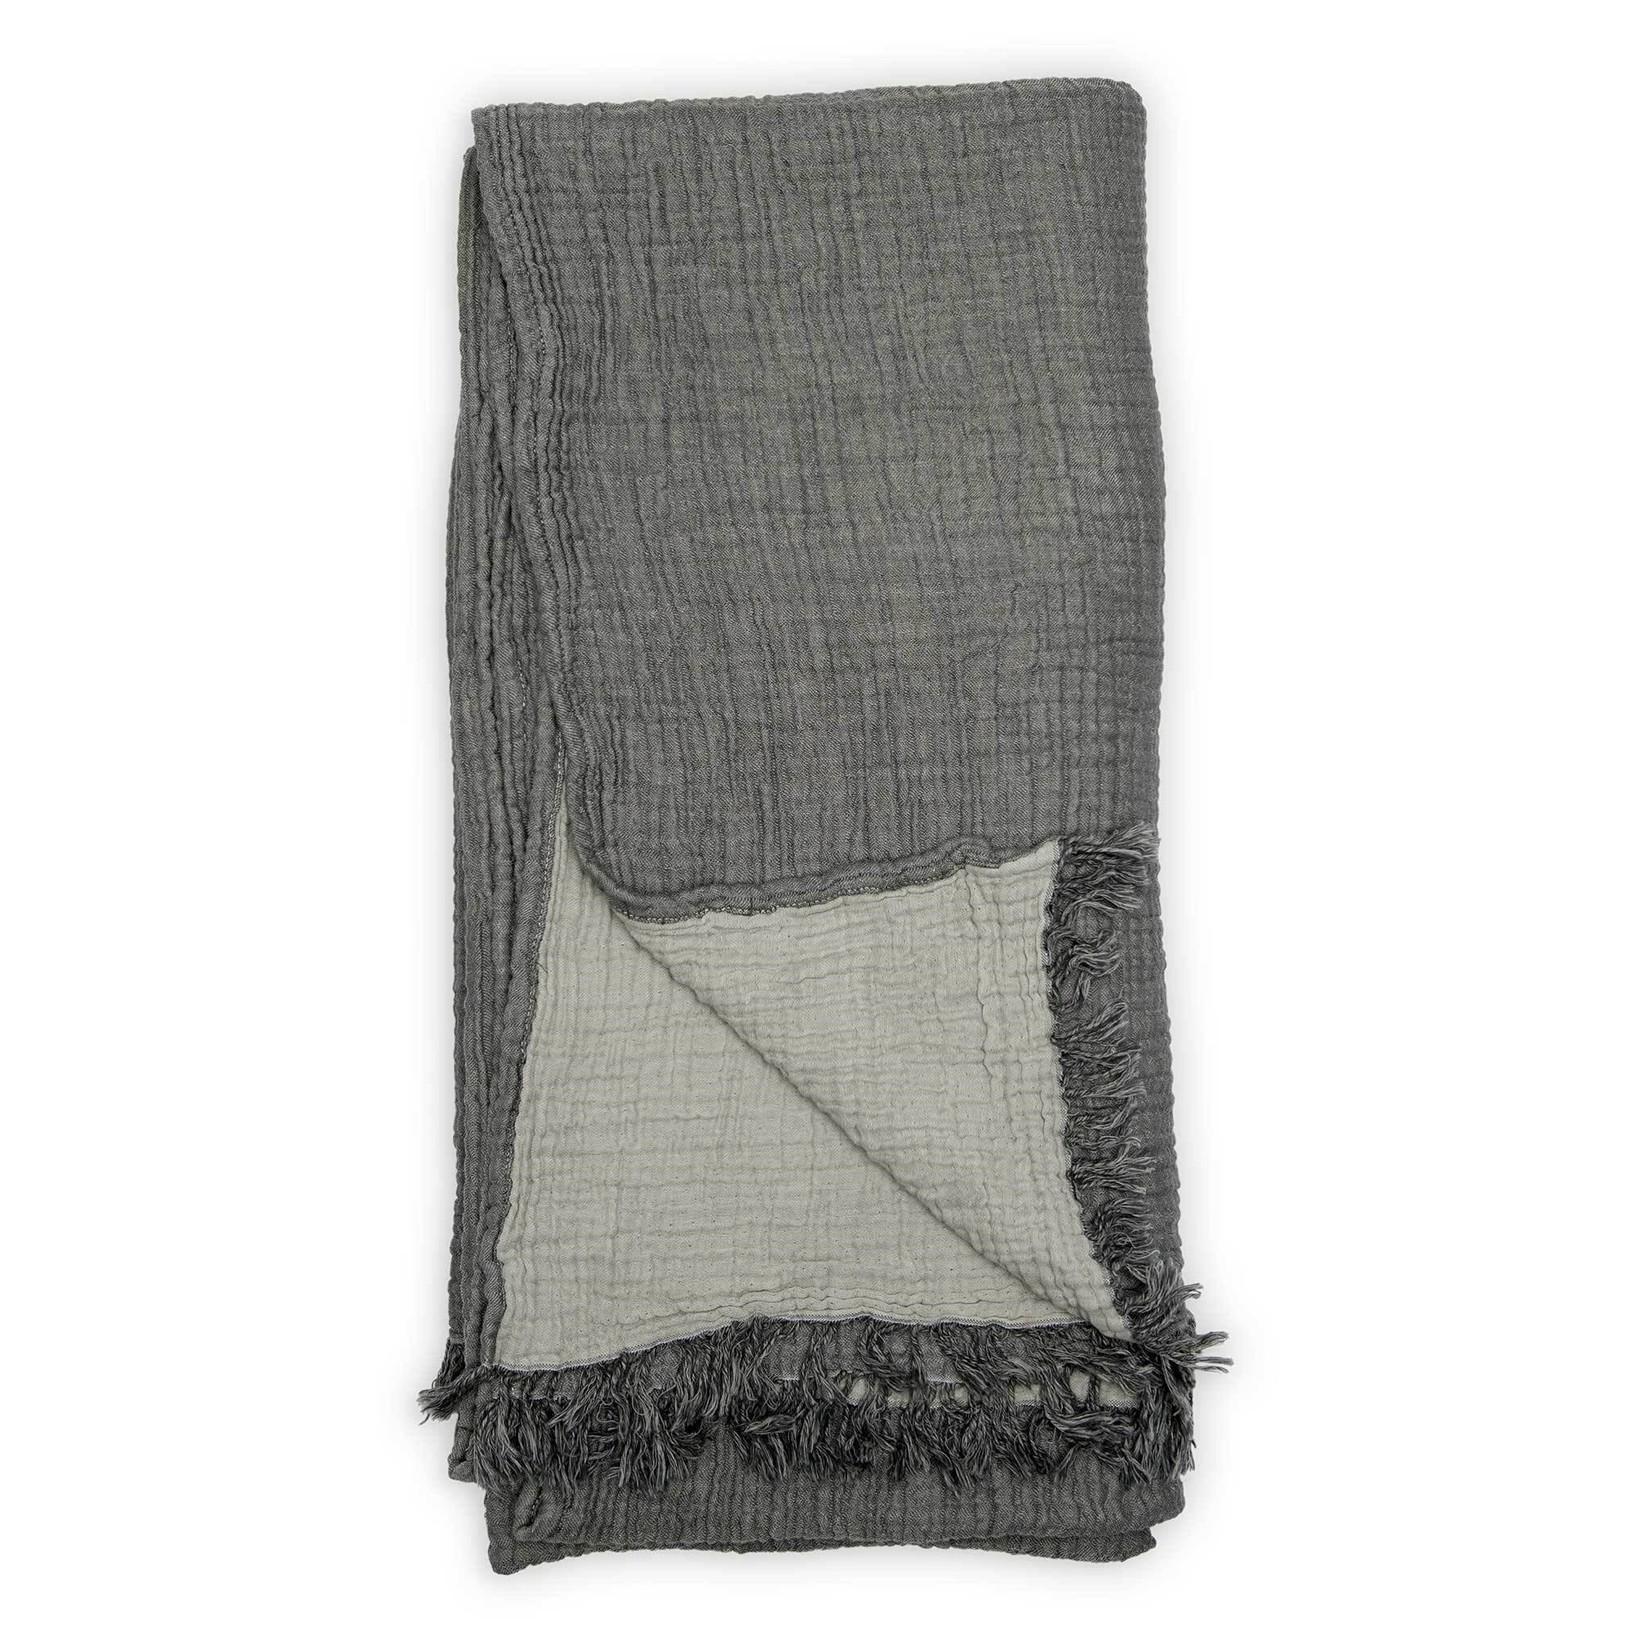 Pokoloko Throw Crinkle Charcoal/Grey